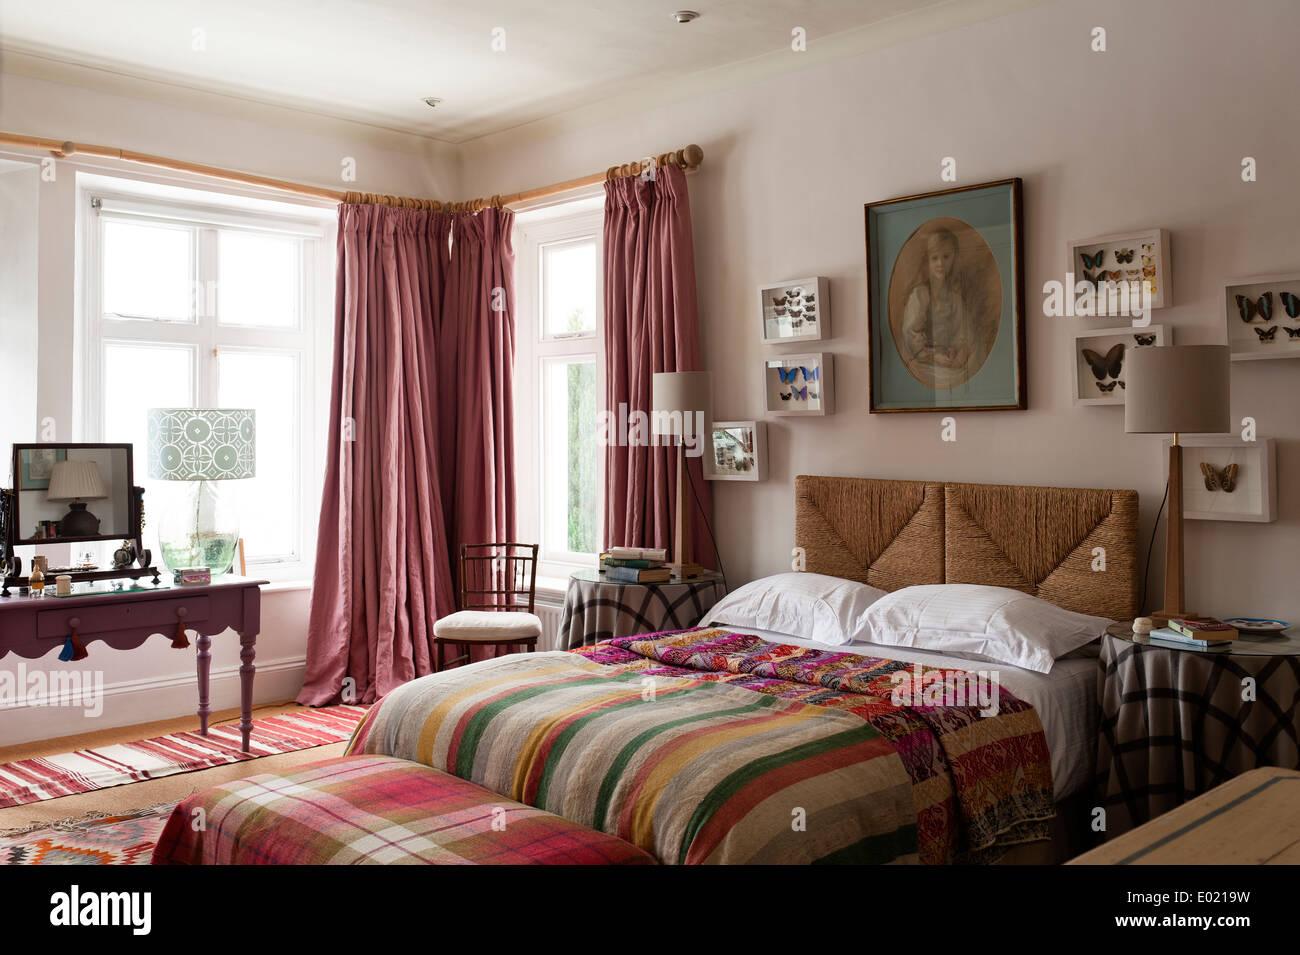 Nicole Fabre rose rideaux longueur de plancher dans la chambre à ...